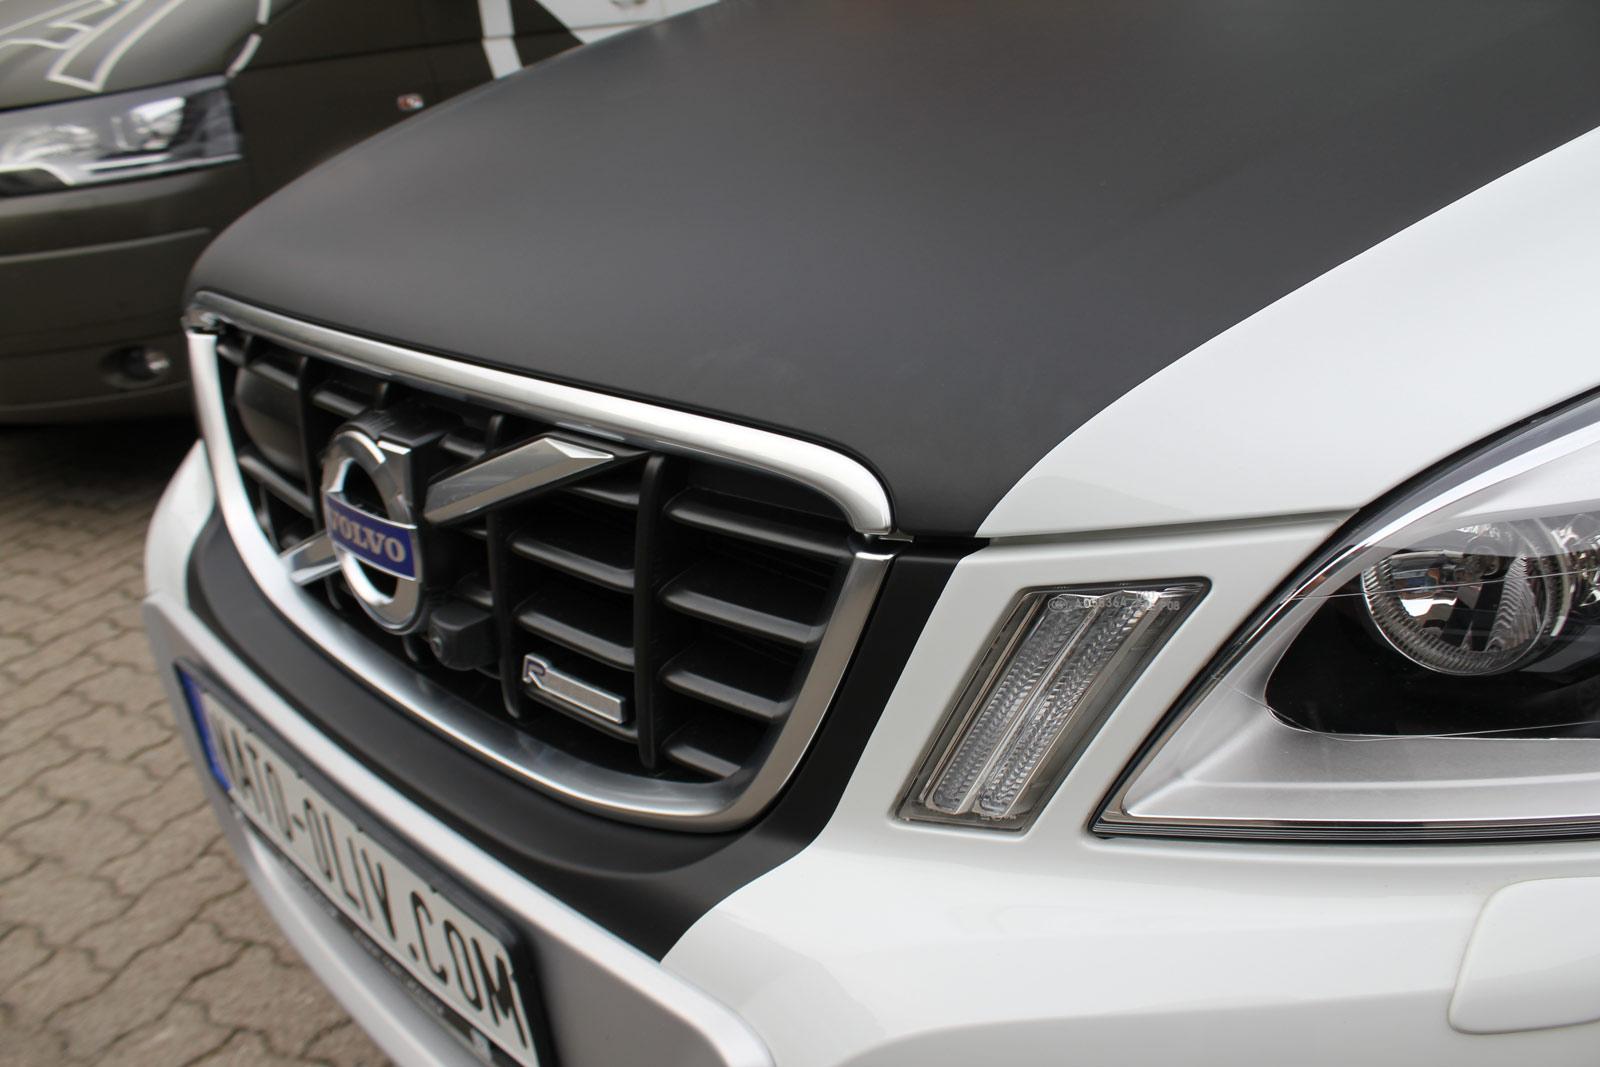 Volvo_XC60_Teilfolierung_schwarz_matt_haube_dach_09